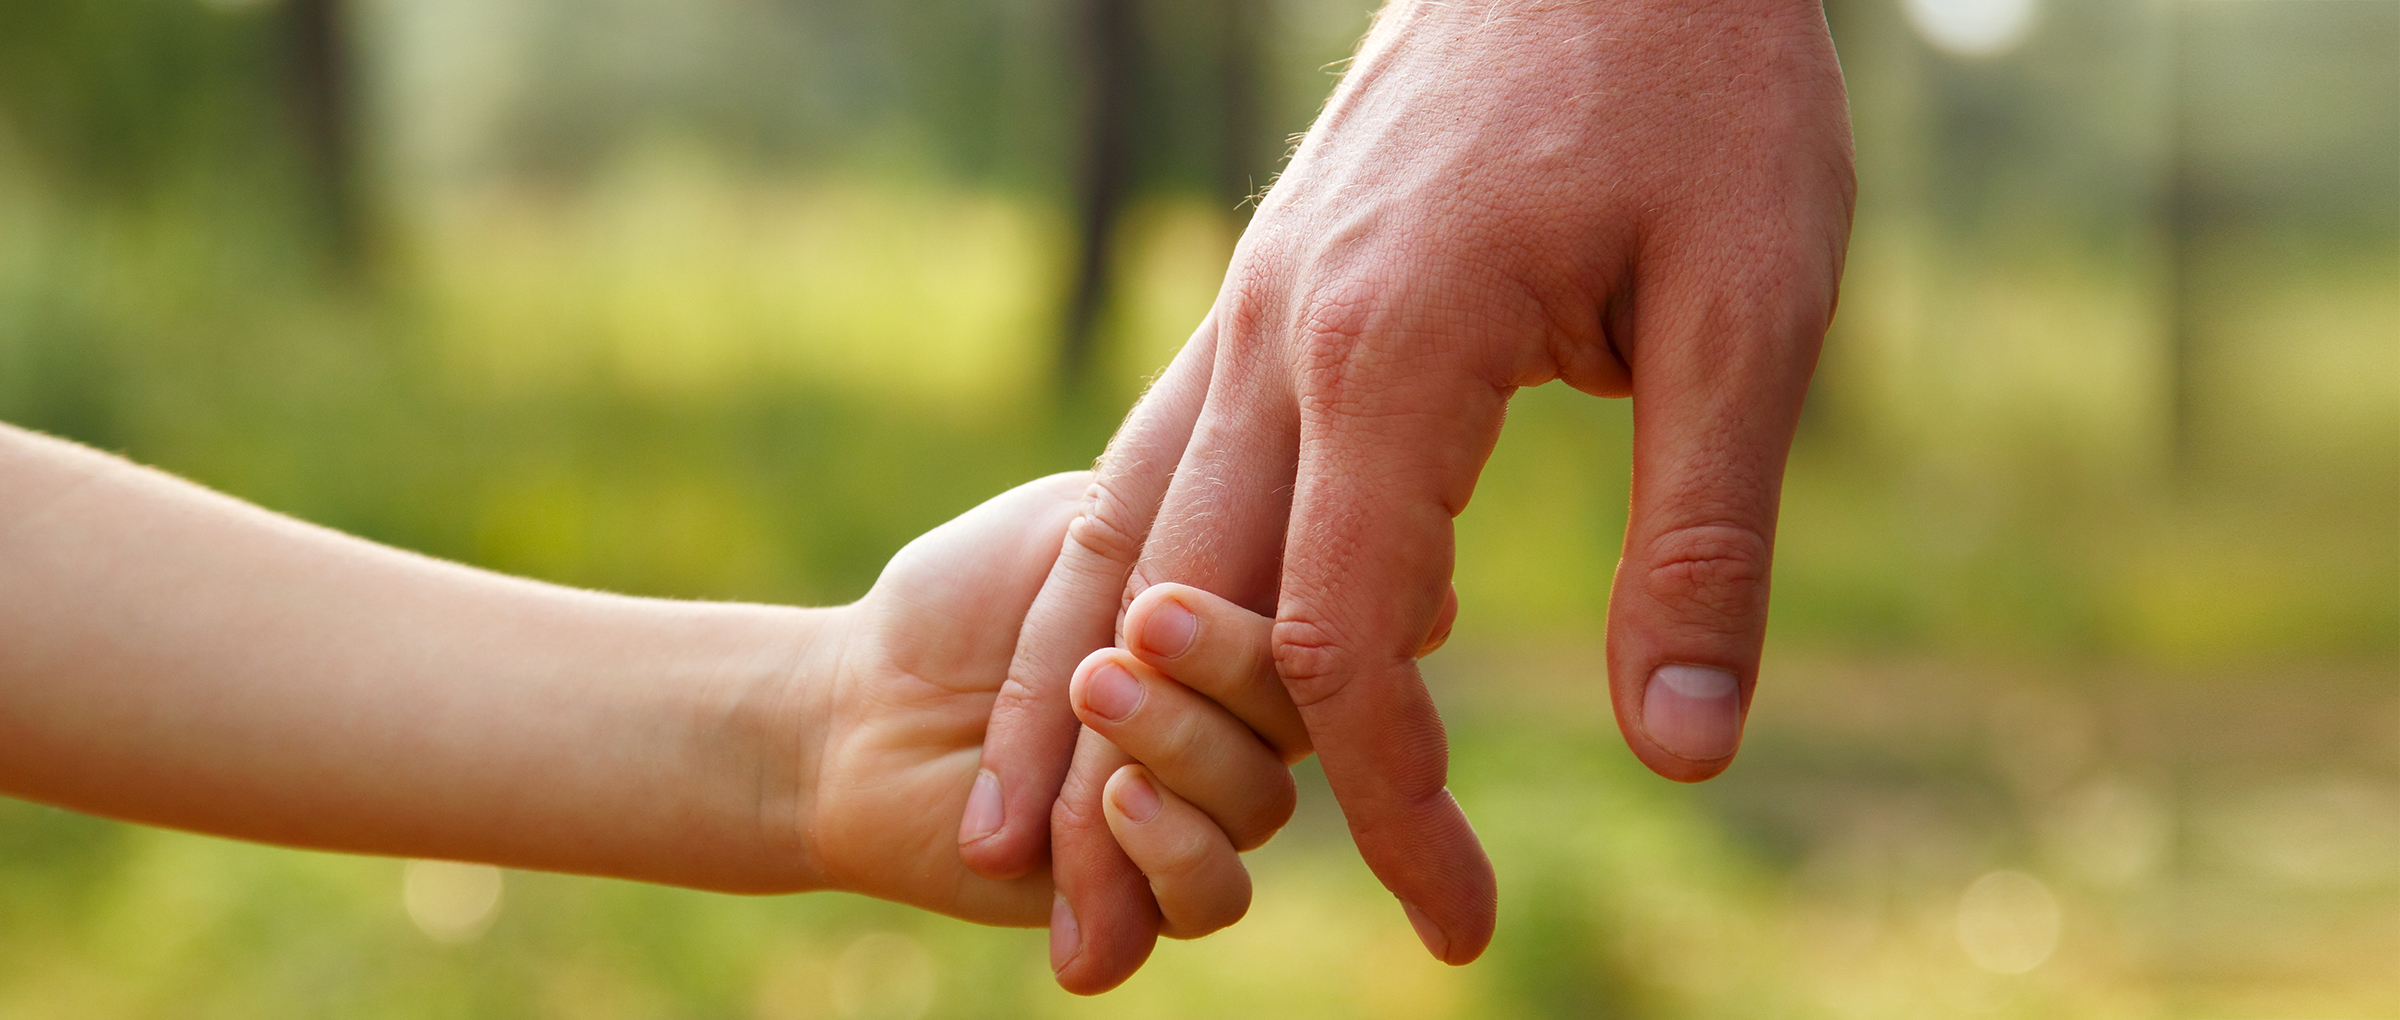 Tener un hijo por adopción